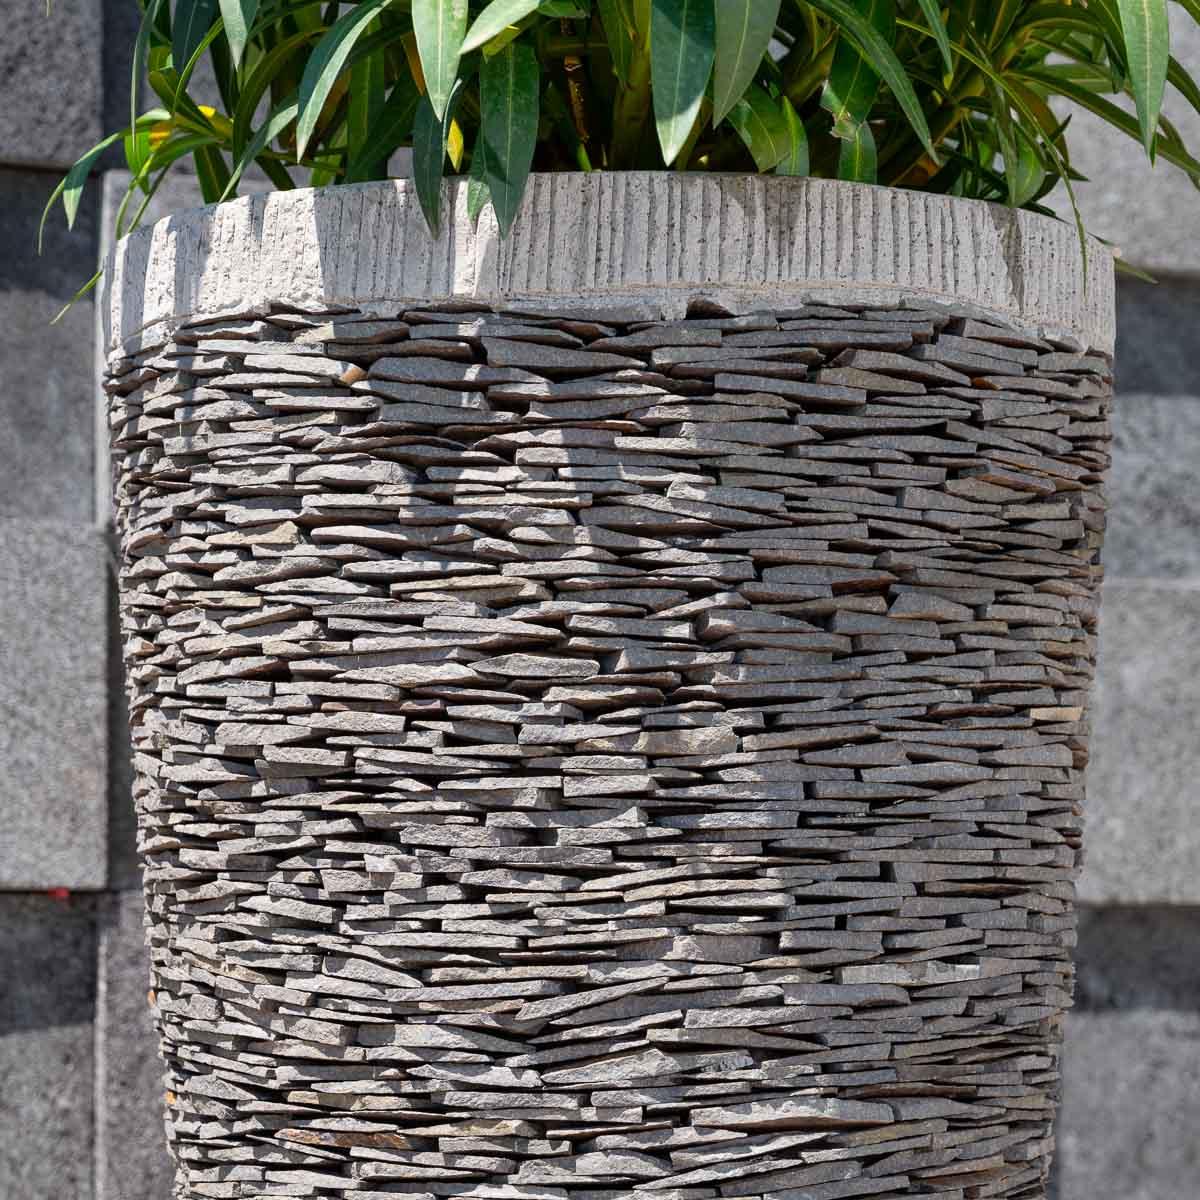 Pot de jardin en ardoise : conique, naturel, H : 80 cm